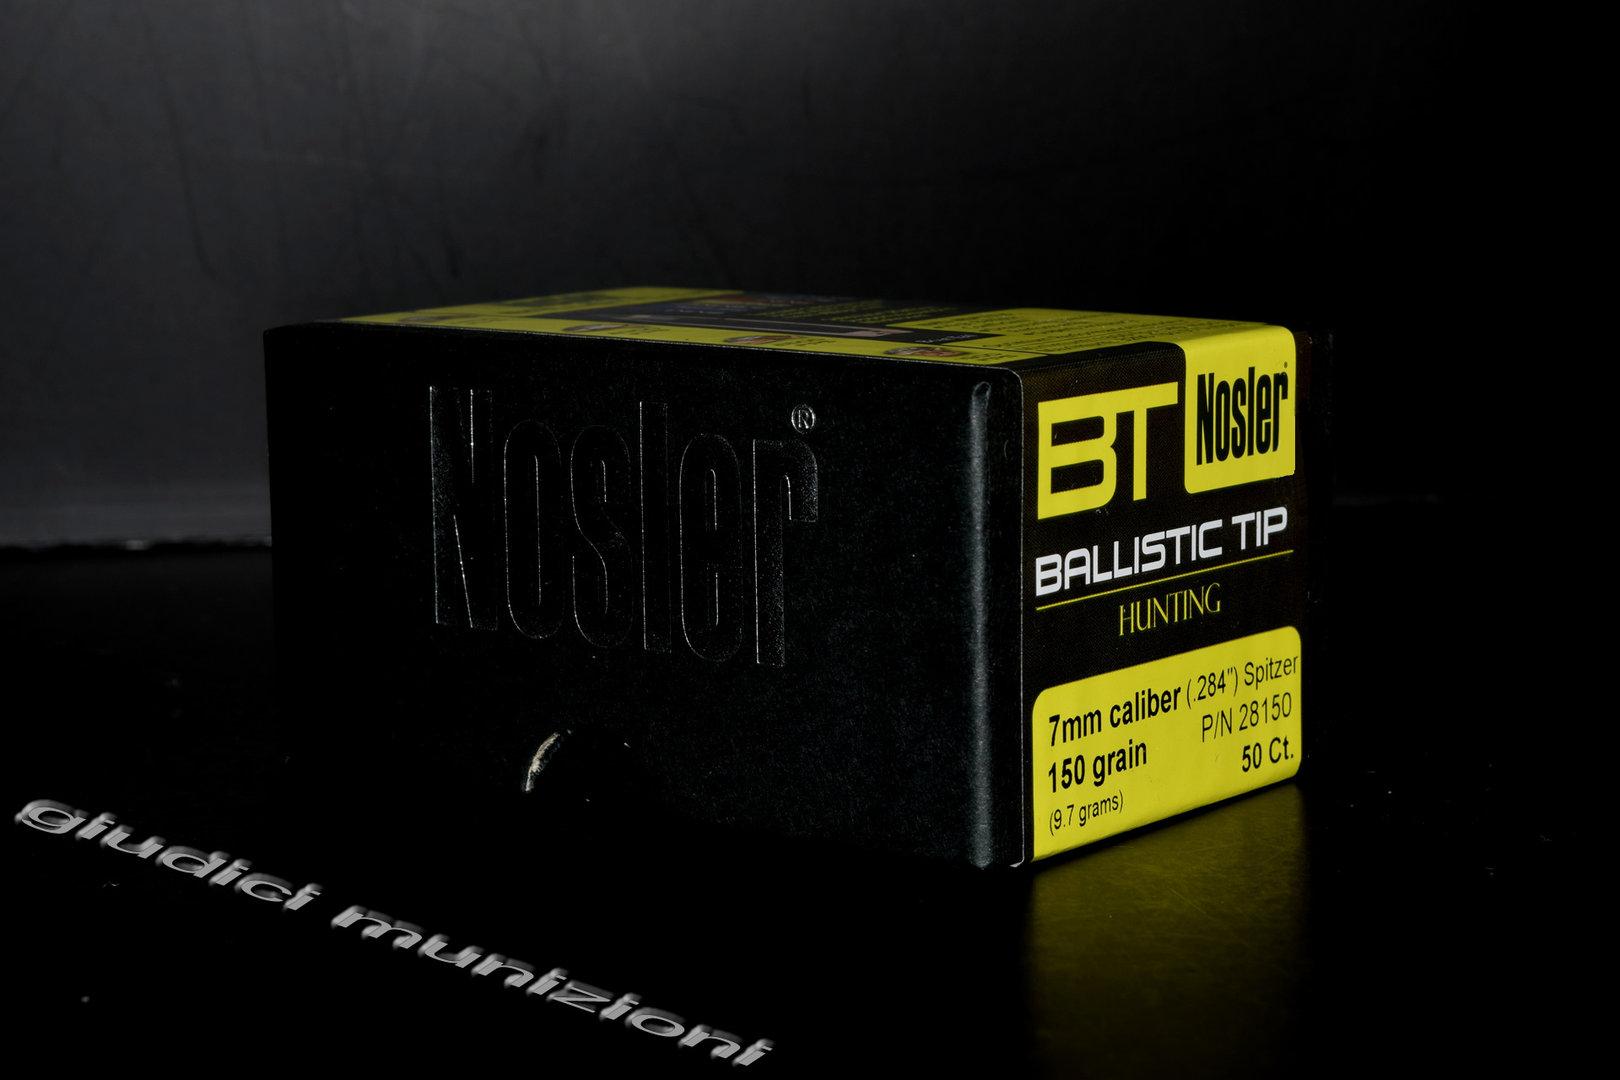 NOSLER Ballistic Tip Hunting 7mm cal  284